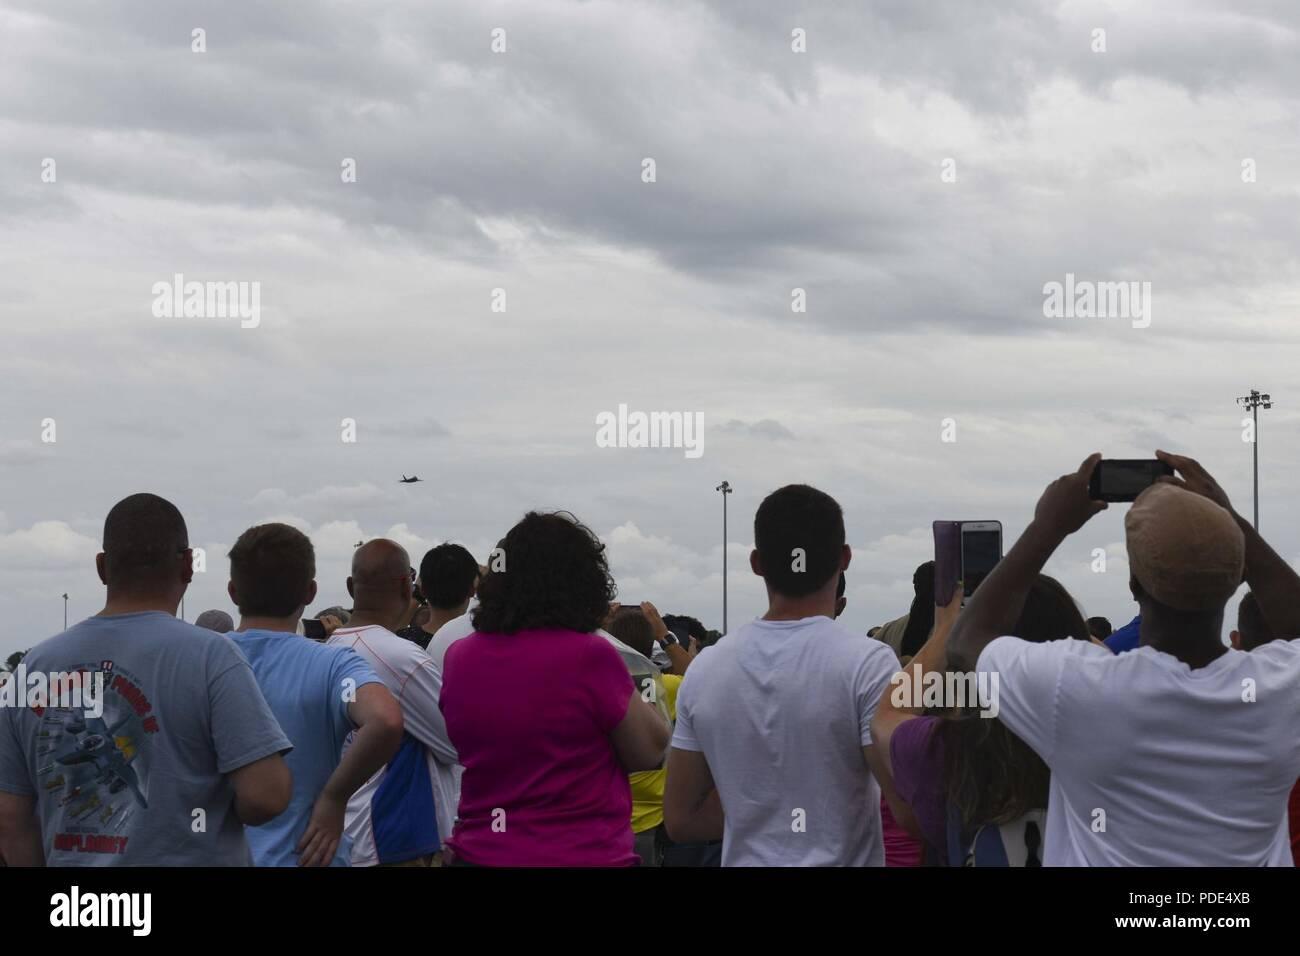 6db52338a36 Spectateurs regarder la U.S. Air Force F-22 Raptor de l équipe de  démonstration